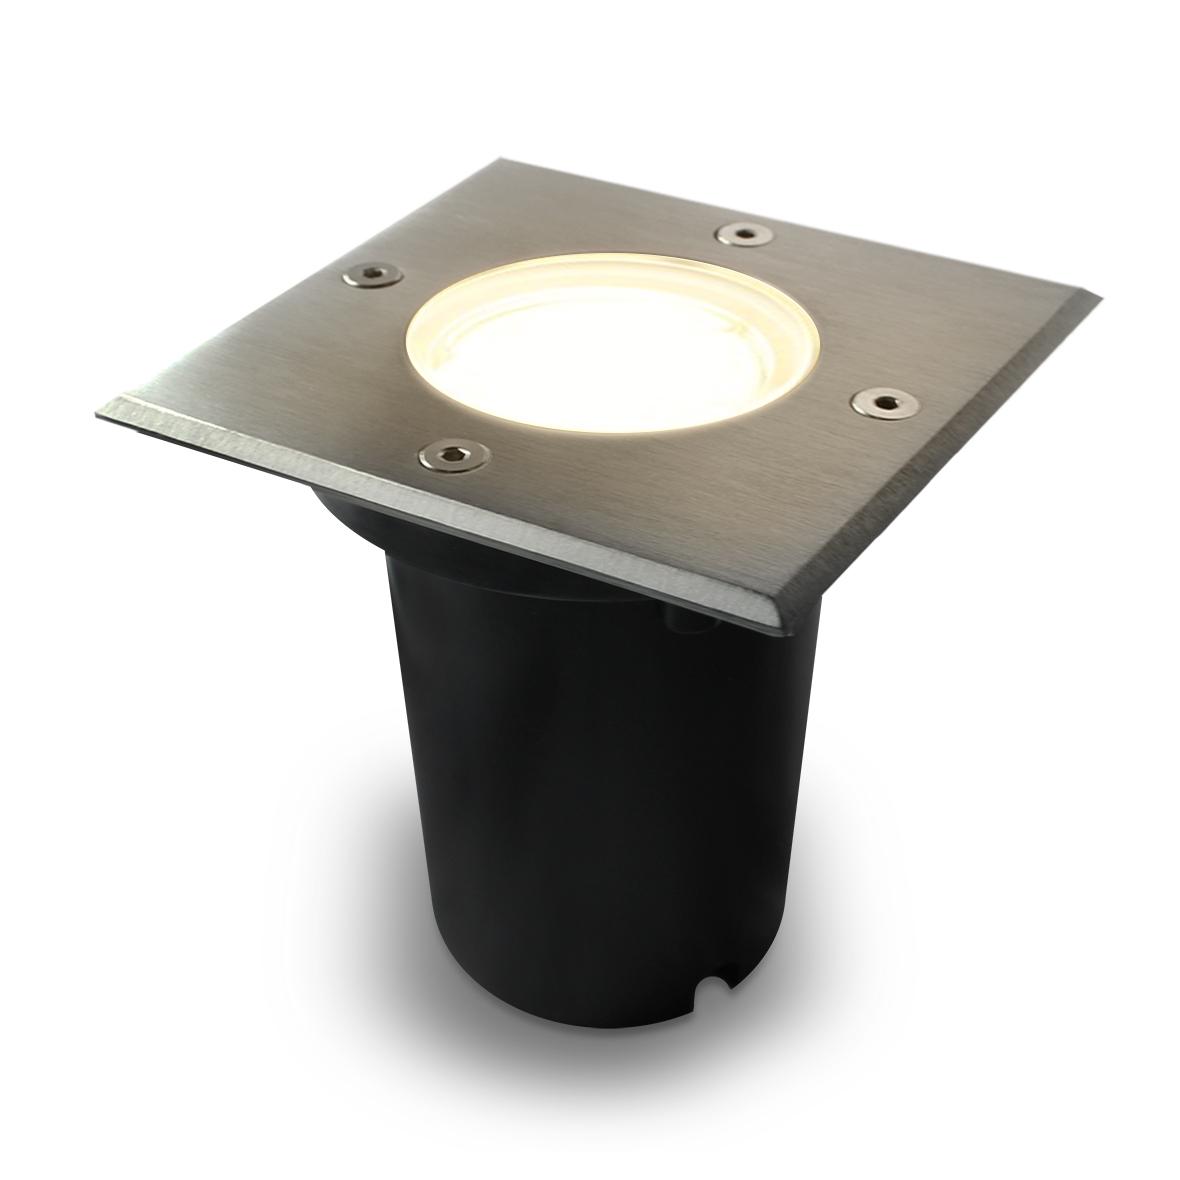 10er set led bodenleuchte bodeneinbaustrahler gartenstrahler ip67 230v cr136 ebay. Black Bedroom Furniture Sets. Home Design Ideas